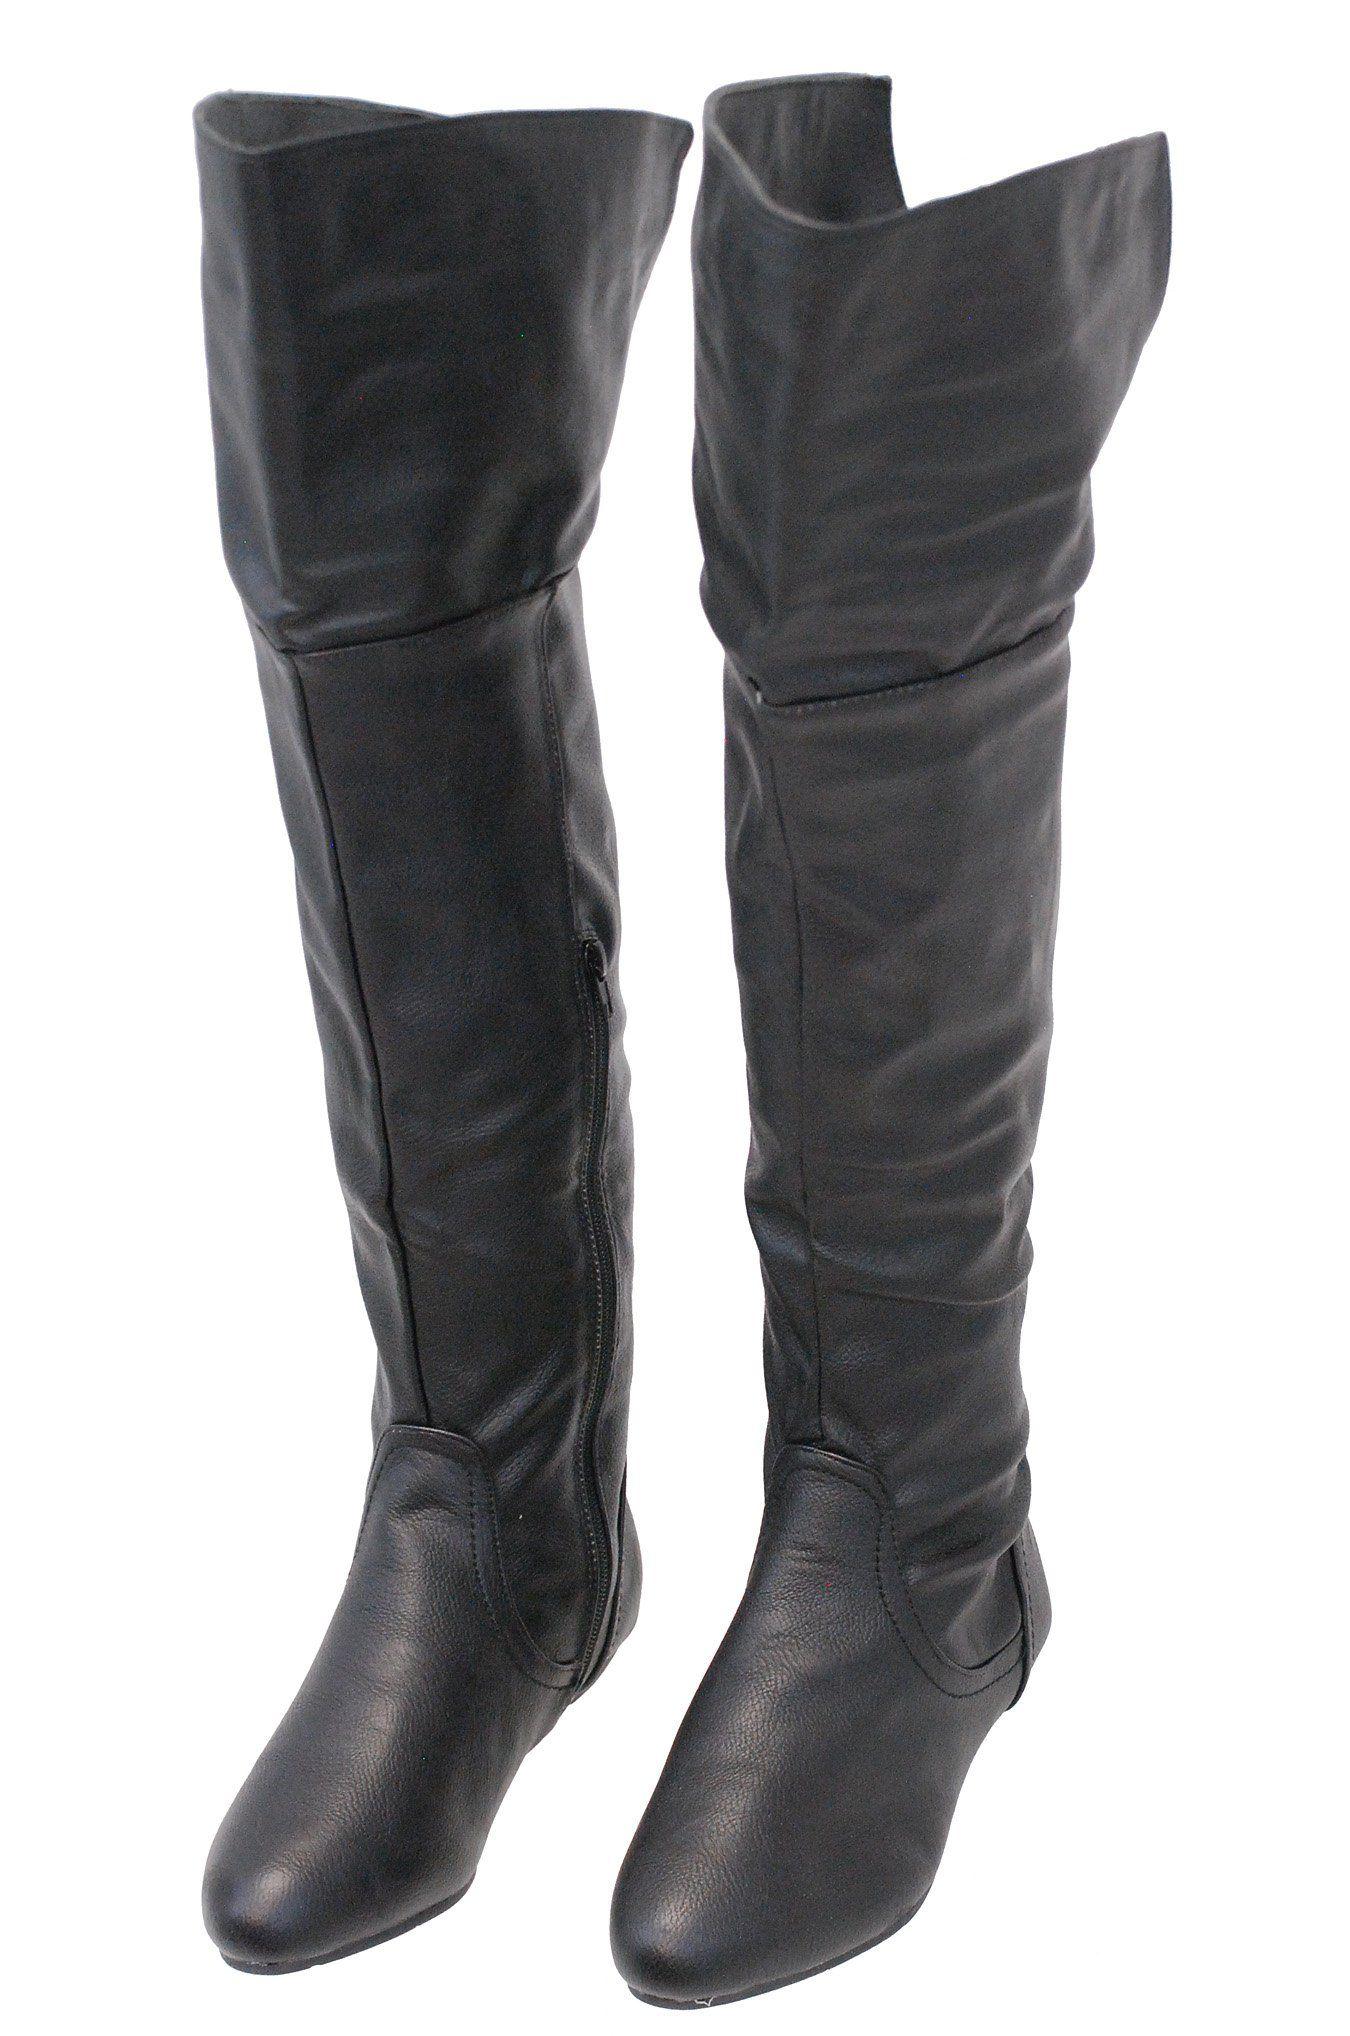 901a4fdf6830 ☆NEW☆ Women s Black Convertible Thigh High Boots w Flat Heel  BLC32800K   JaminLeather  Deals